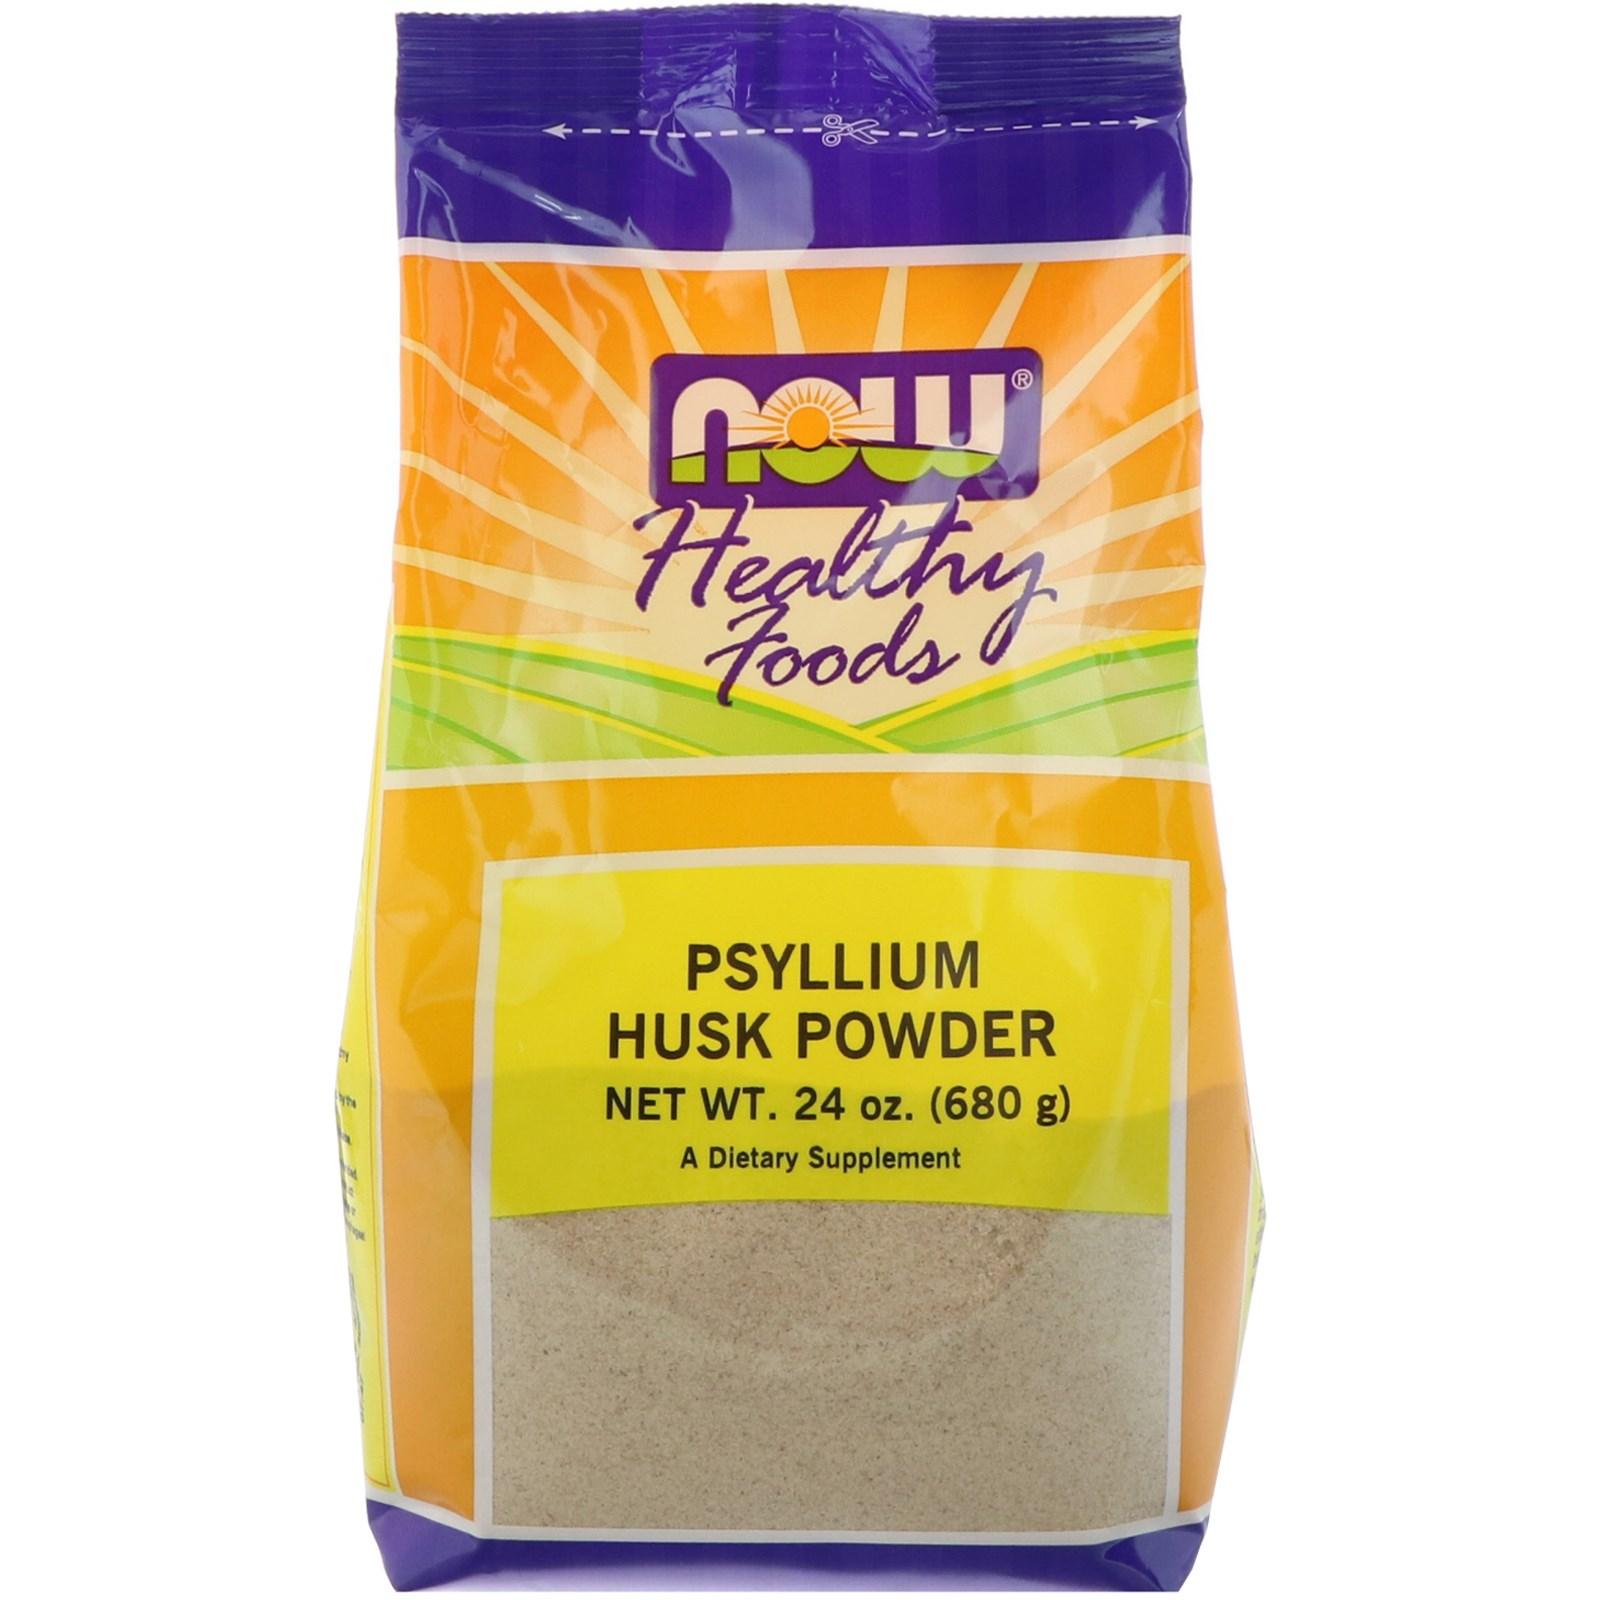 How to take psyllium husk powder